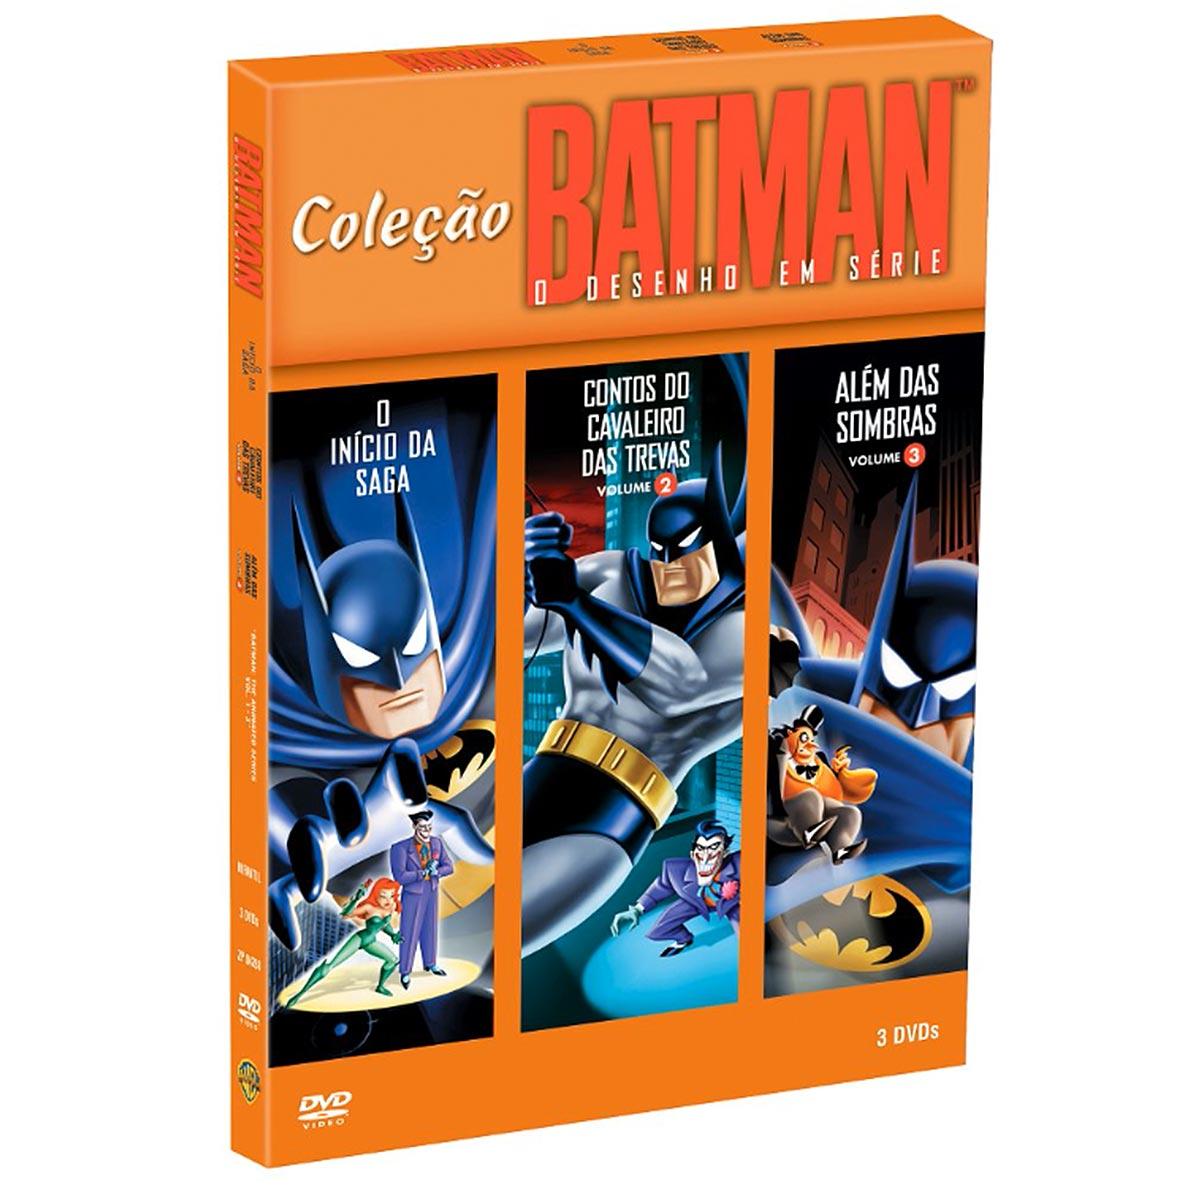 Coleção de DVDs Batman: O Desenho em Série